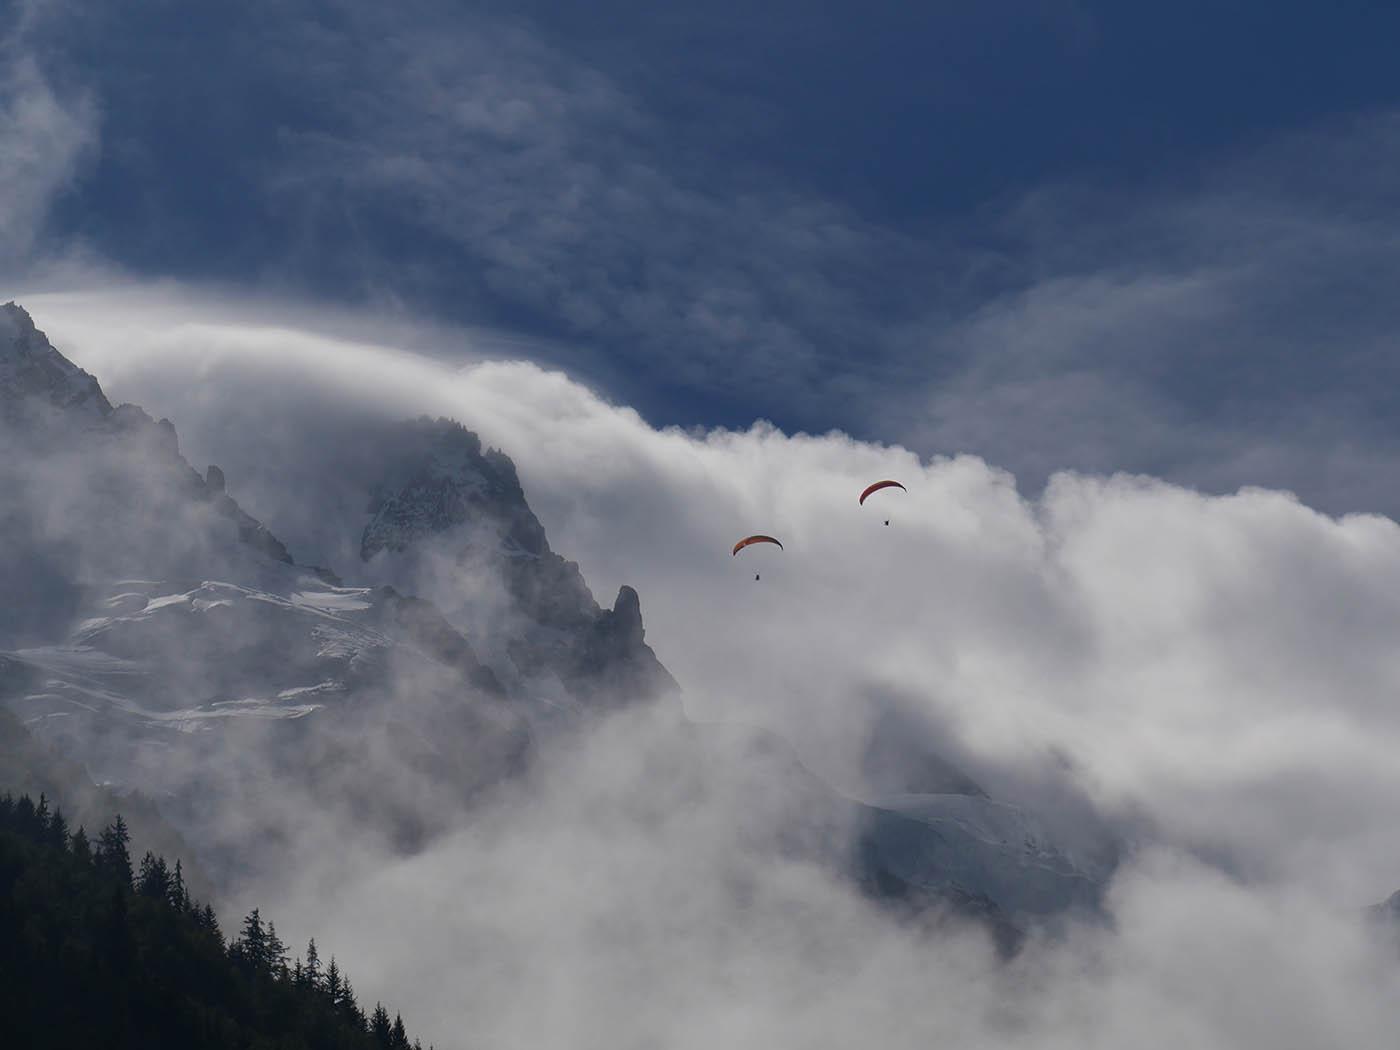 photo paysage montagne avec parachutes dans les nuages